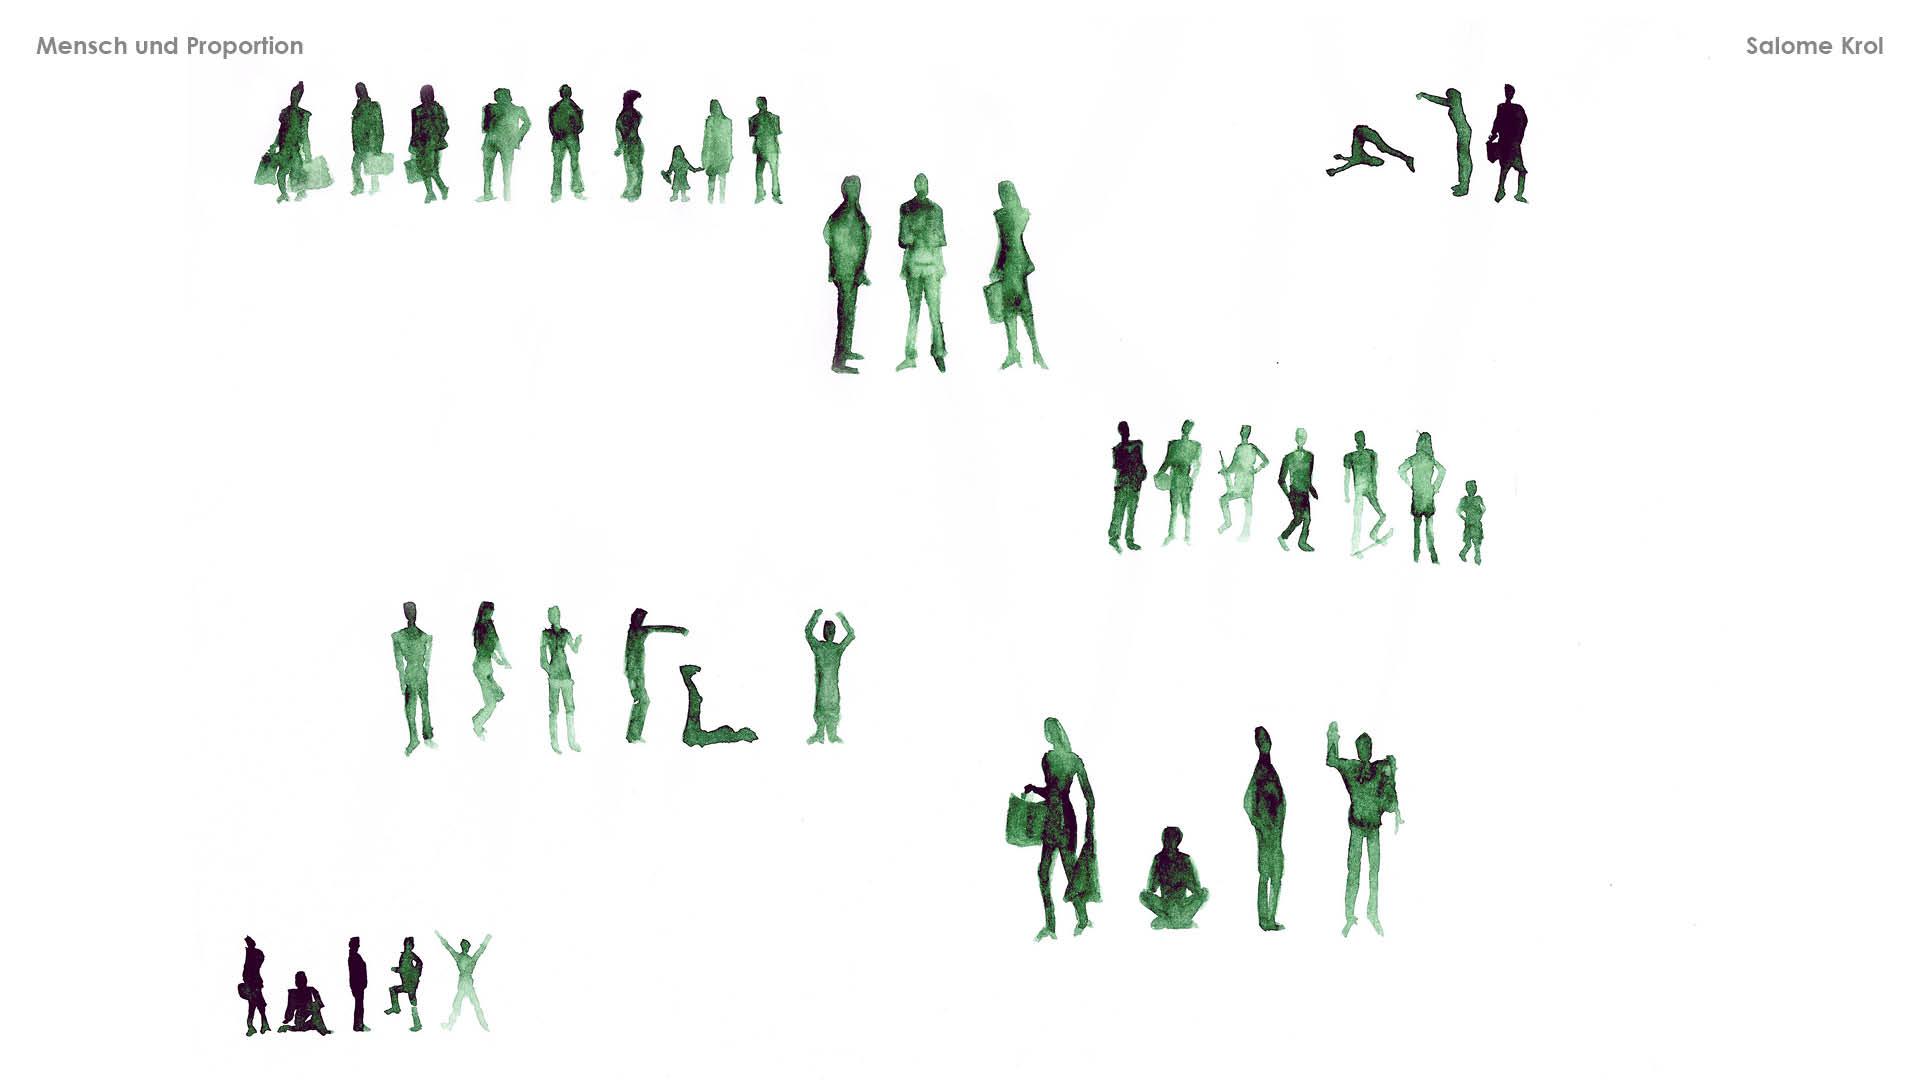 18 1 Bildnerisches Gestalten Leporellos Einzelarbeiten16